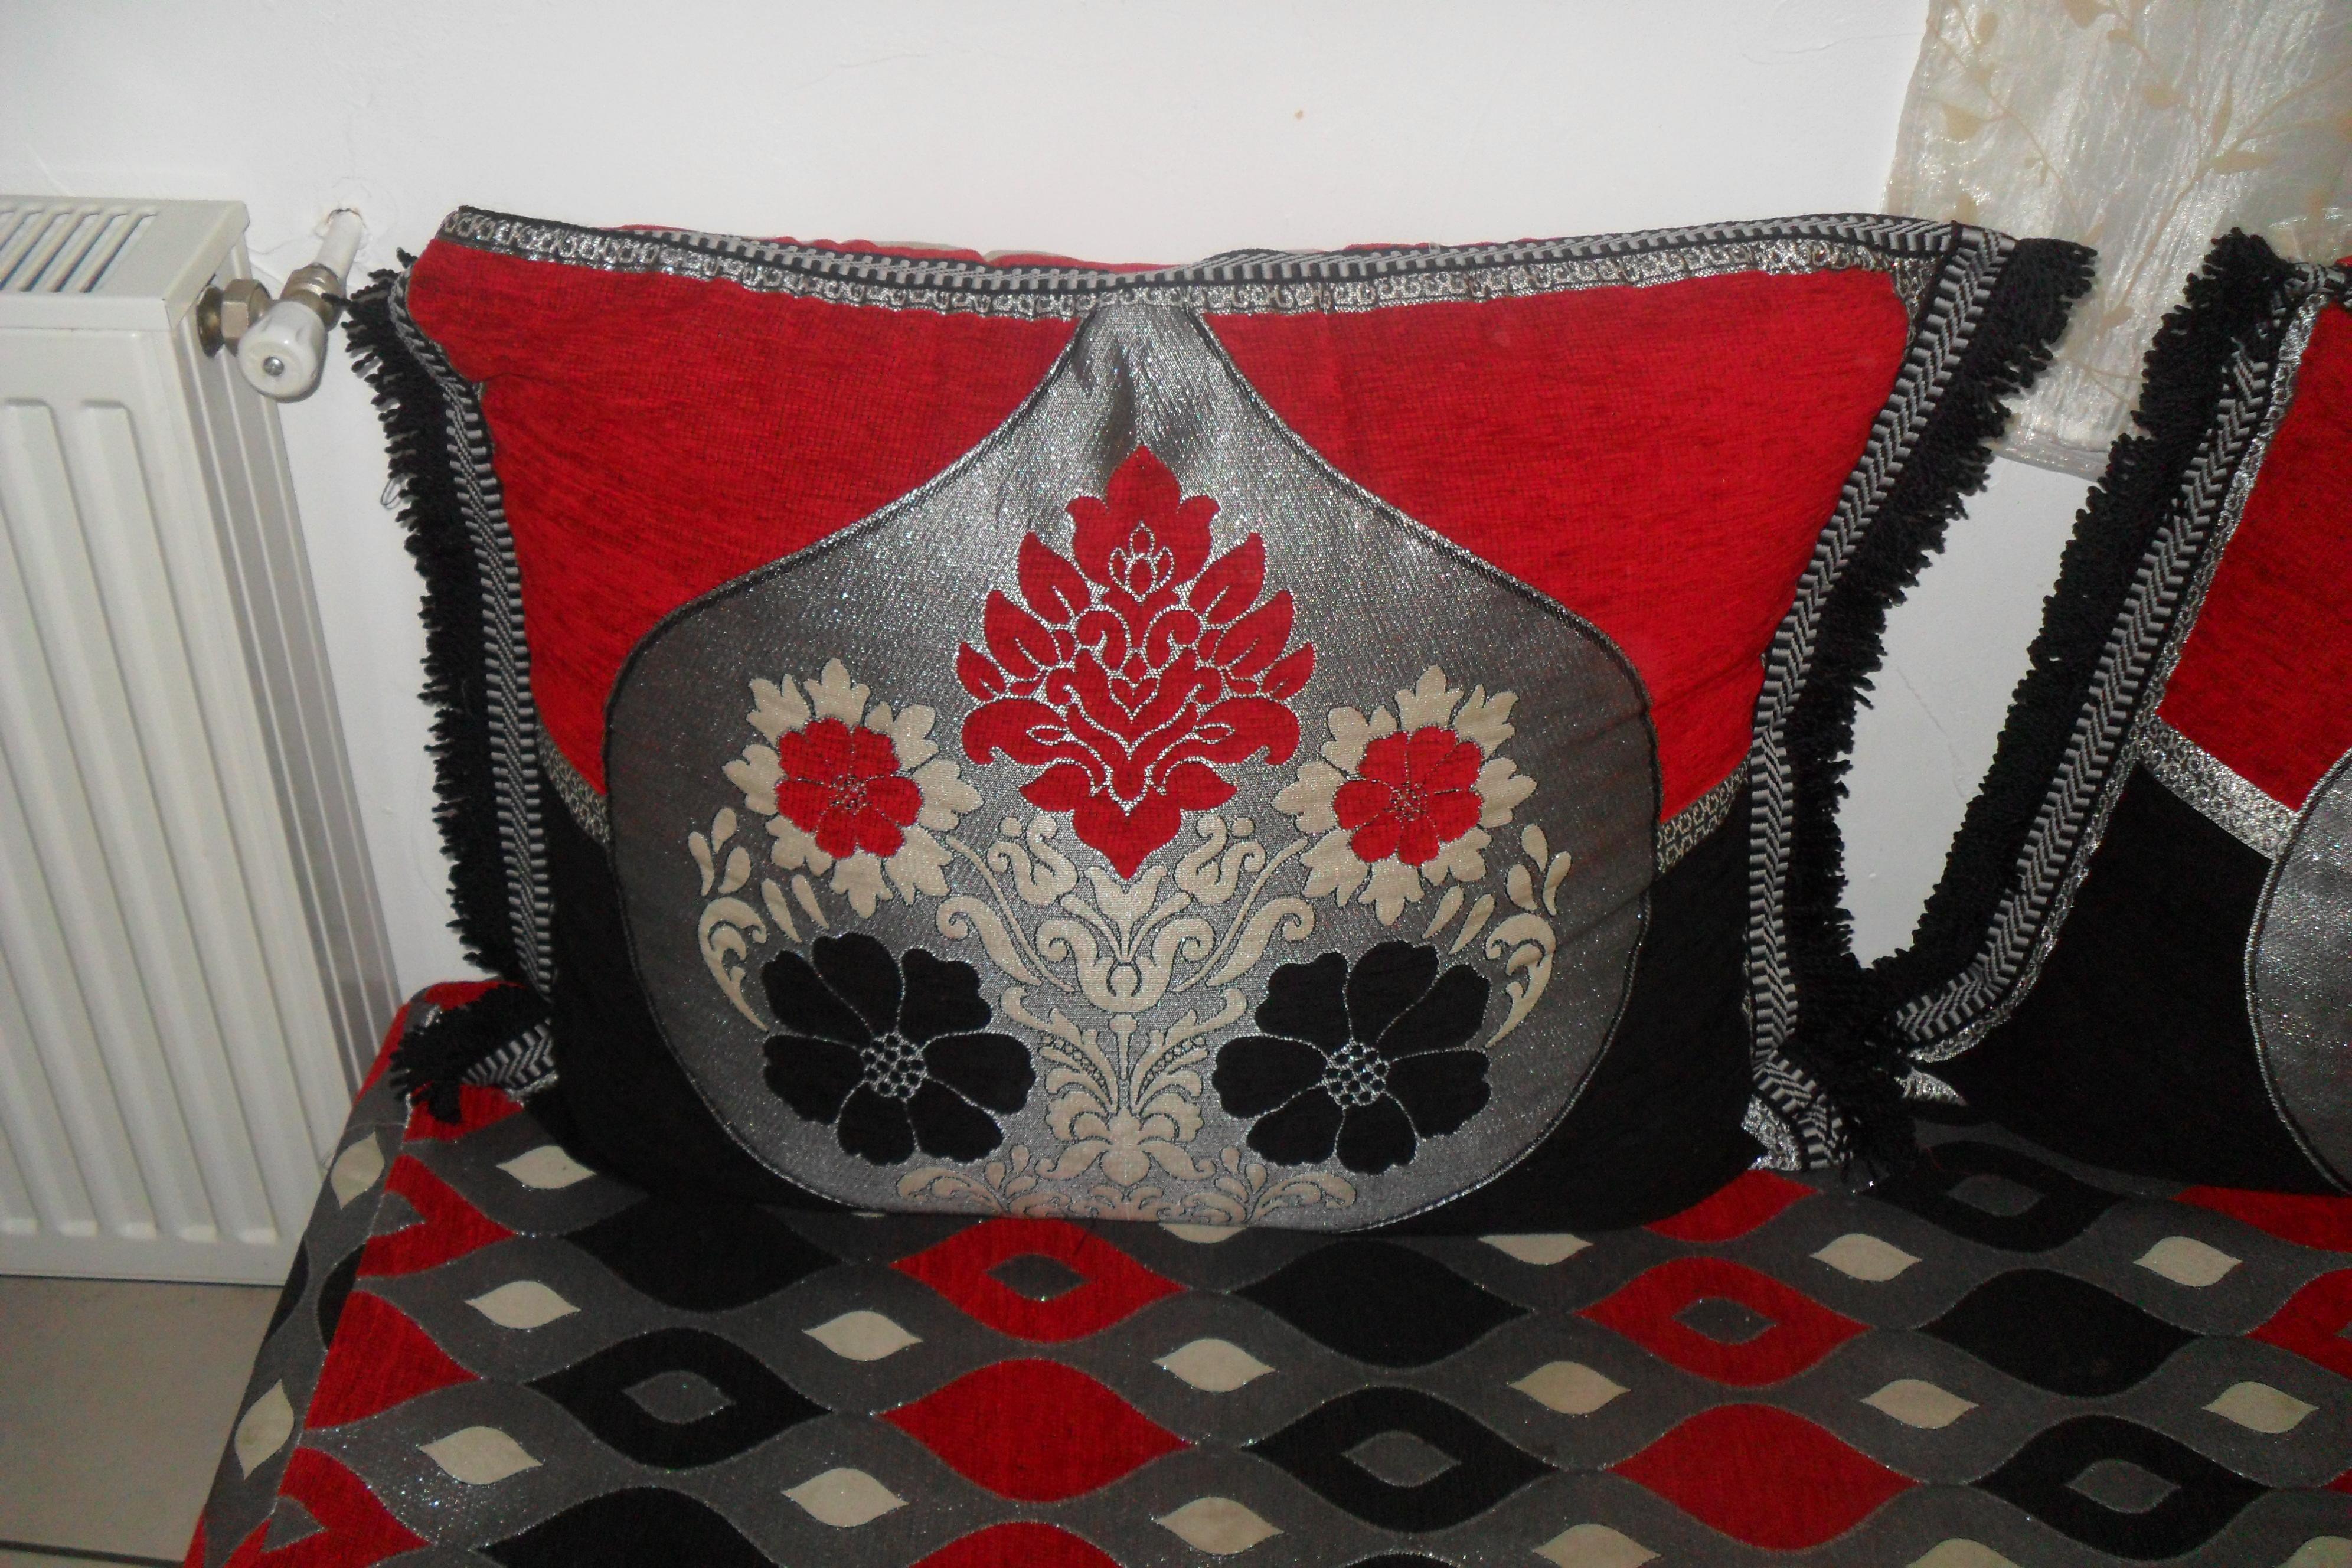 Comment Fabriquer Un Sedari Marocain les + et les - du salon marocain - les ramadanettes - forum